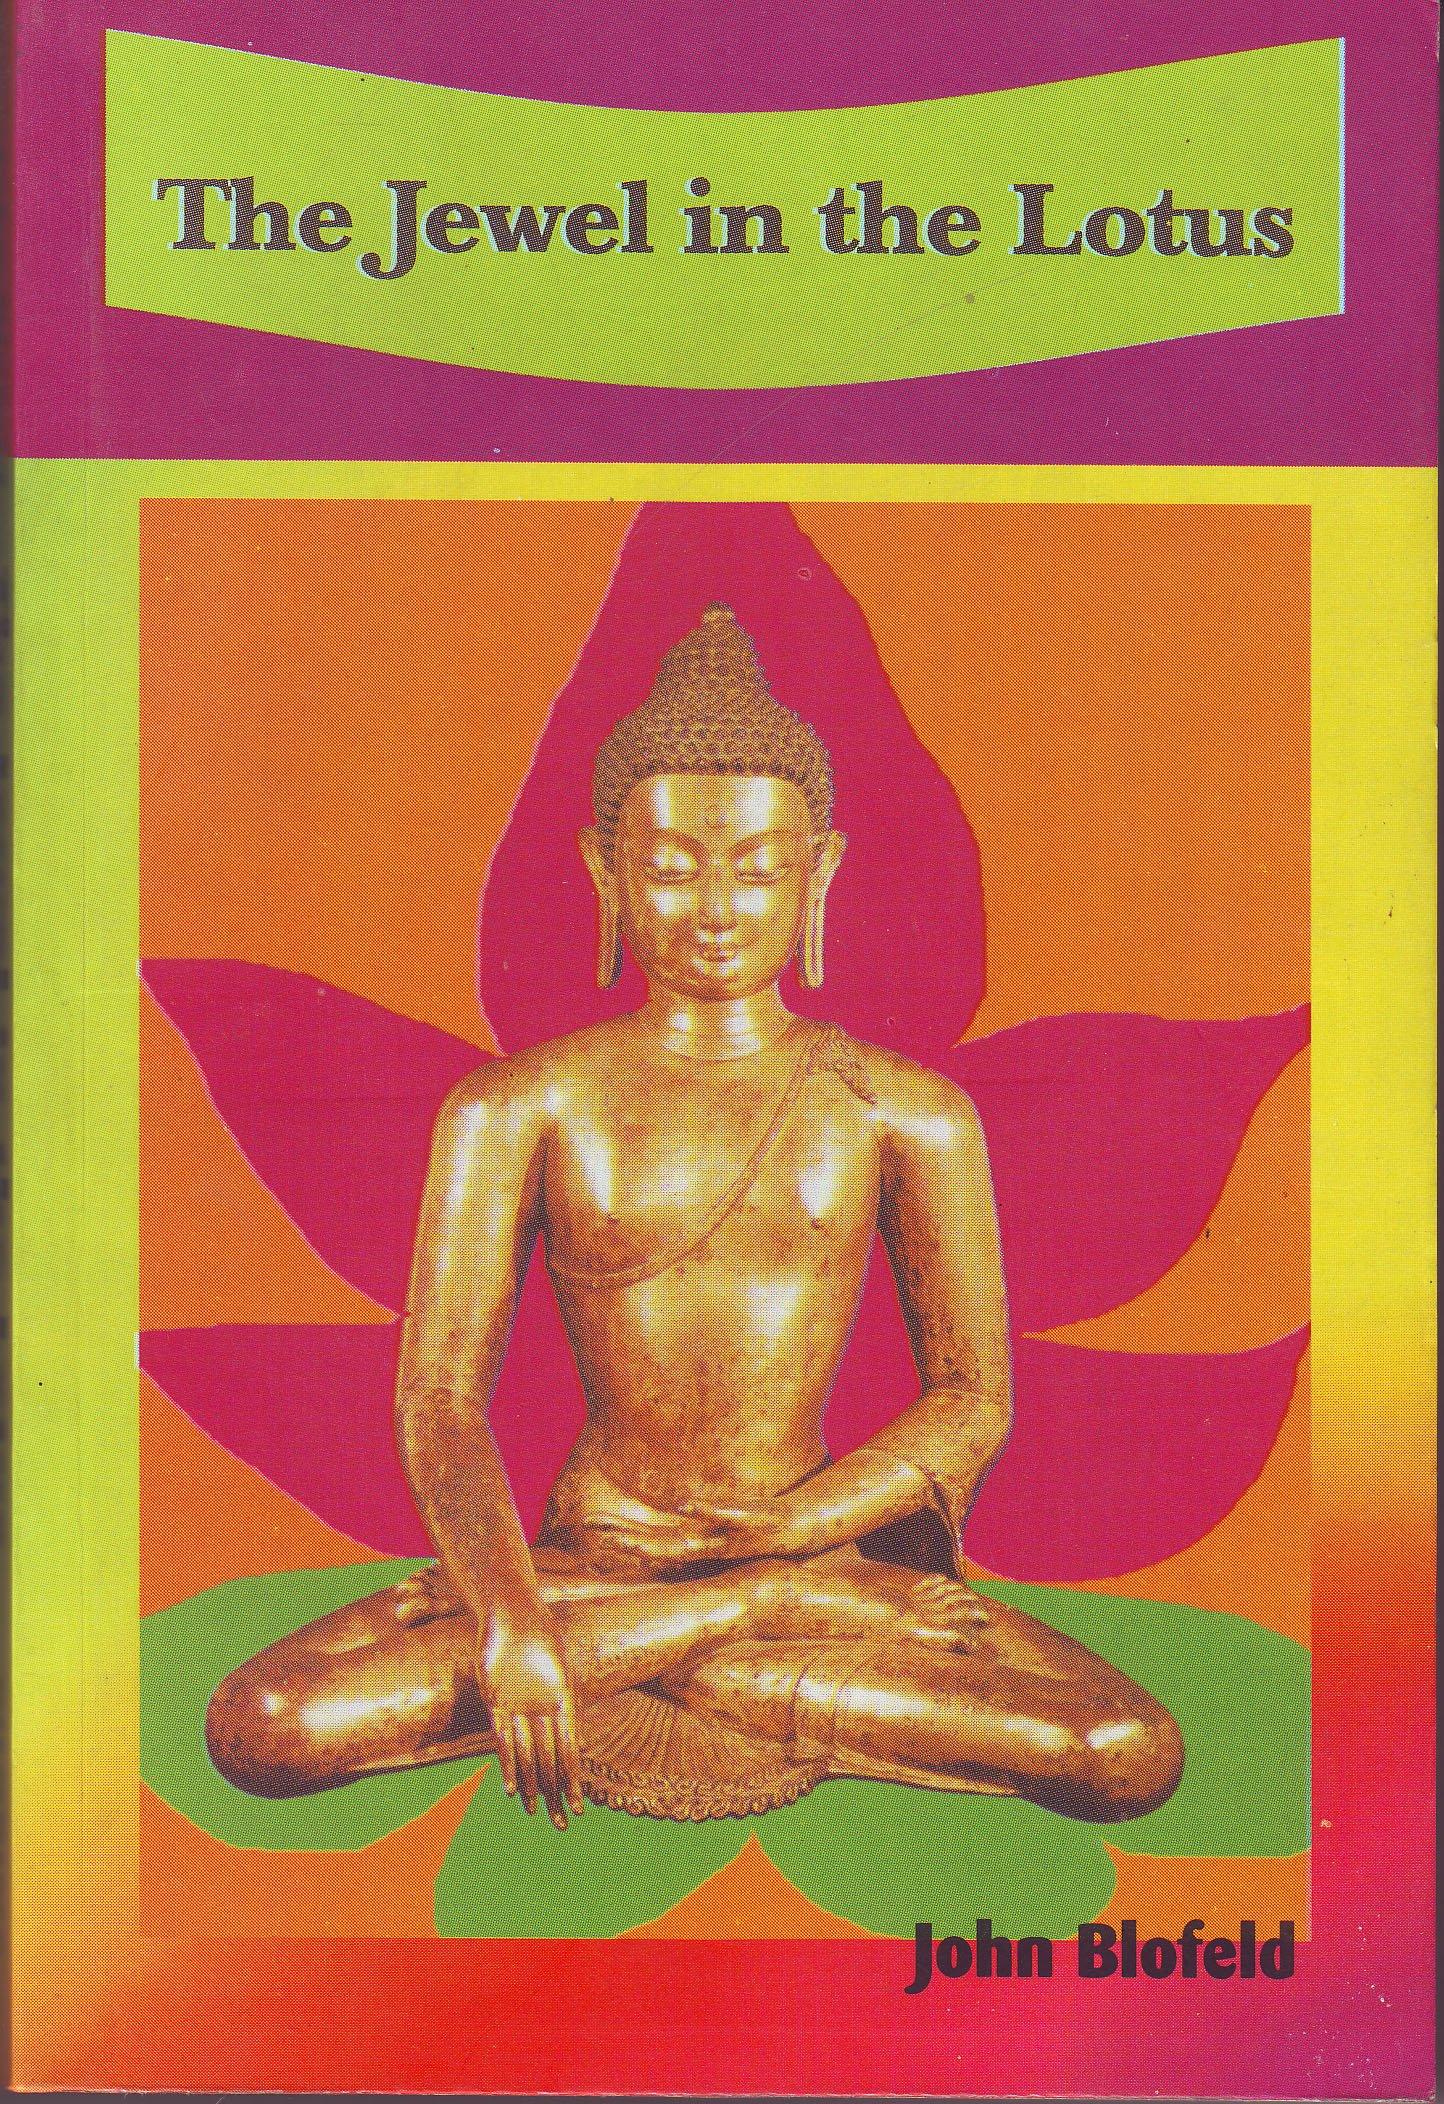 Blofeld Jewel in Lotus cover art